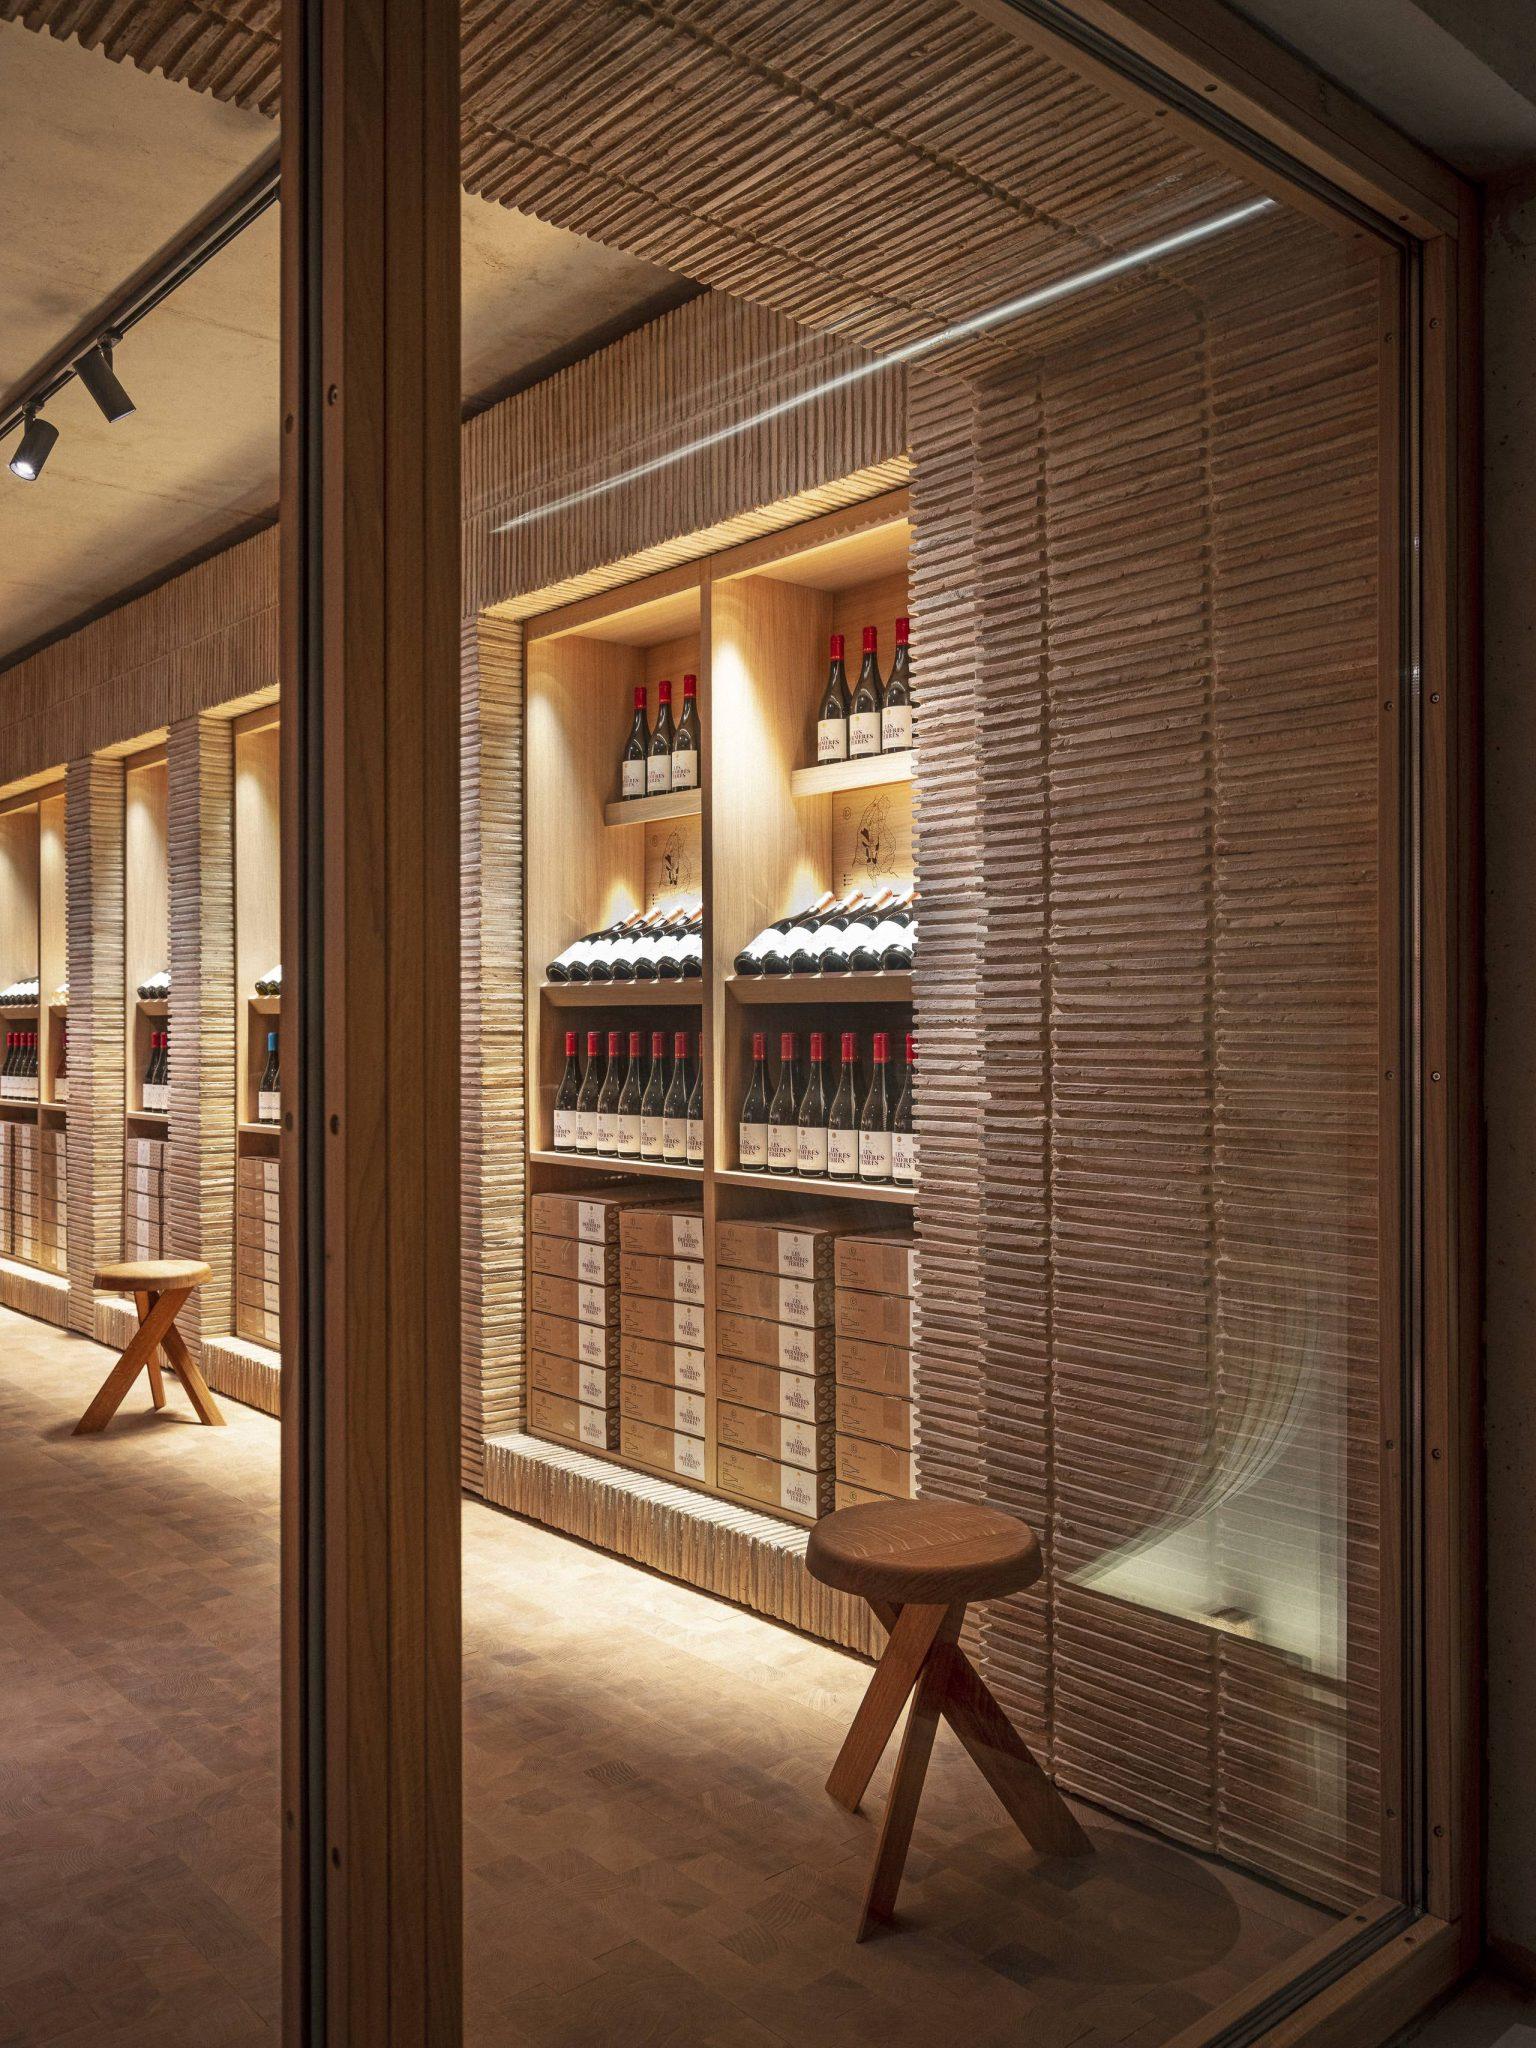 Kijk binnen in dit unieke wijnhuis van een Belgische vrouw in Zuid-Frankrijk - 9